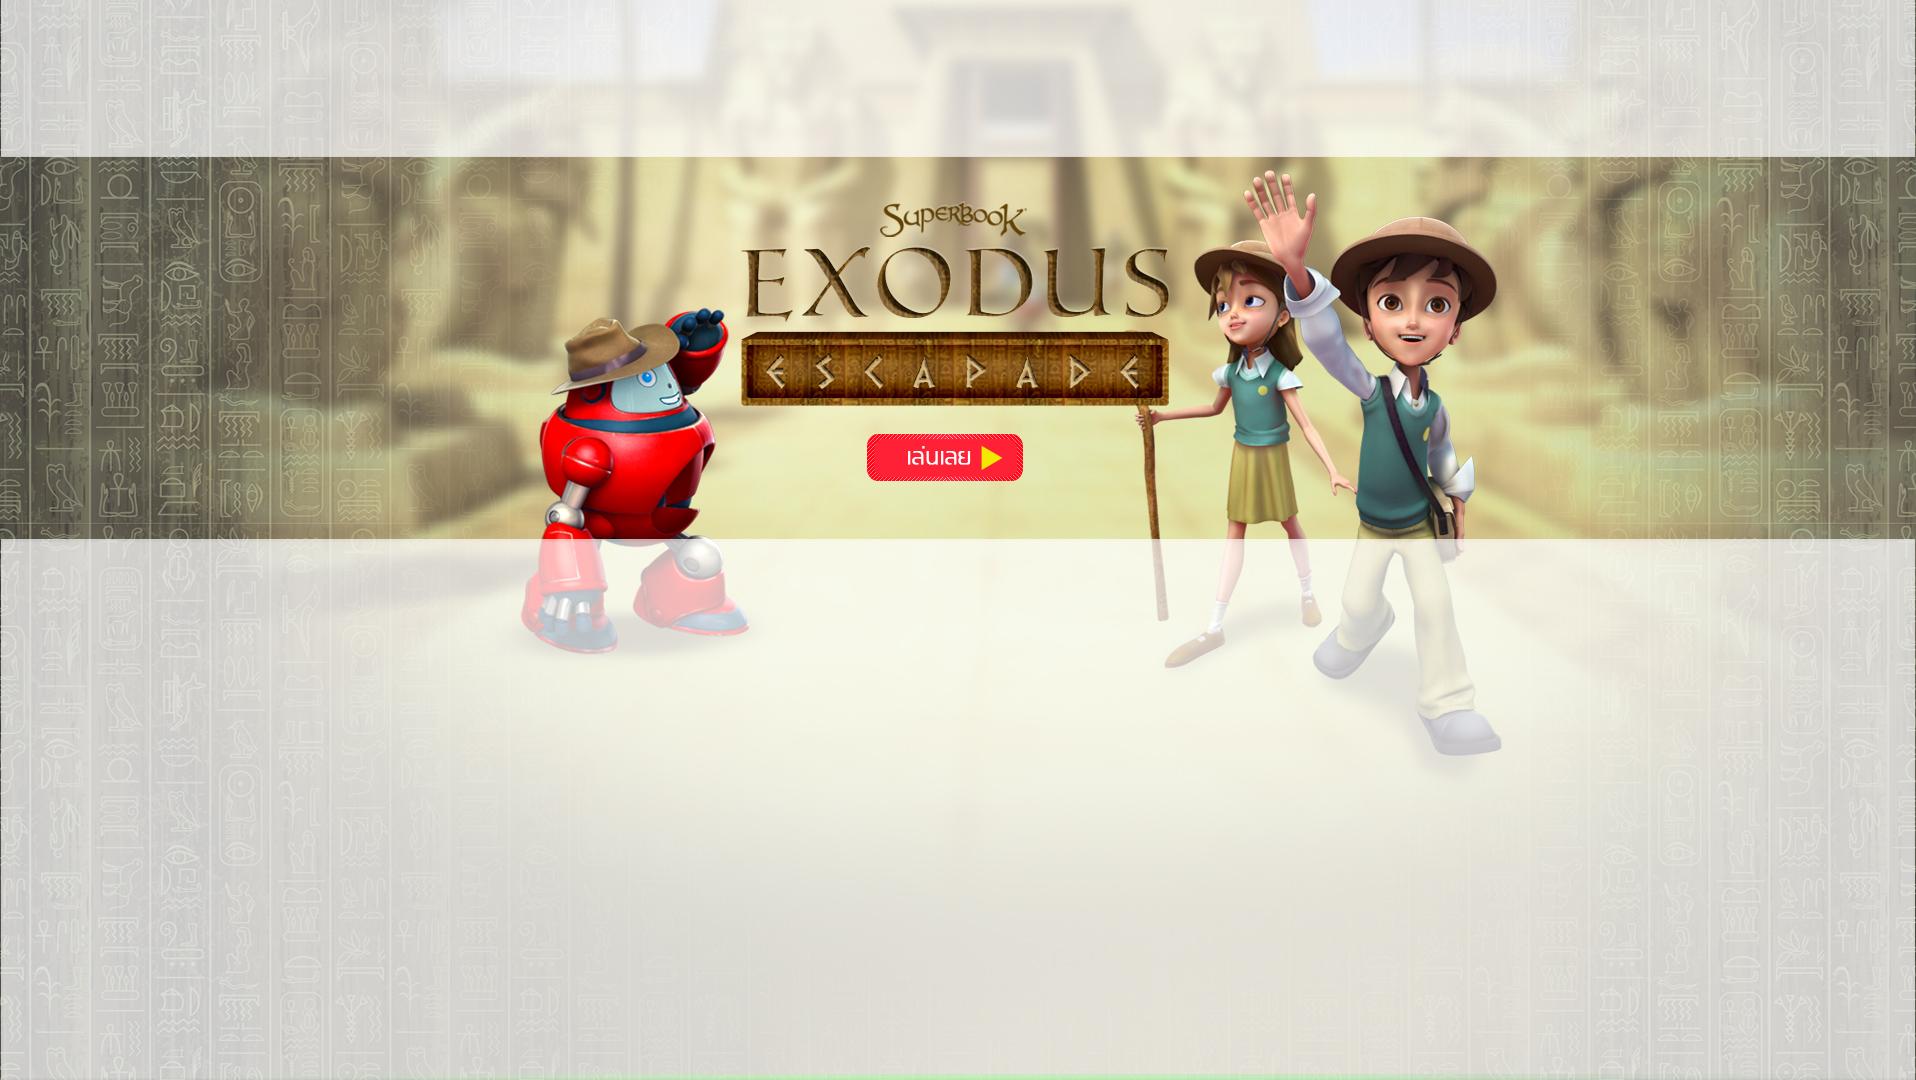 <h2>Exodus Escapade</h2>